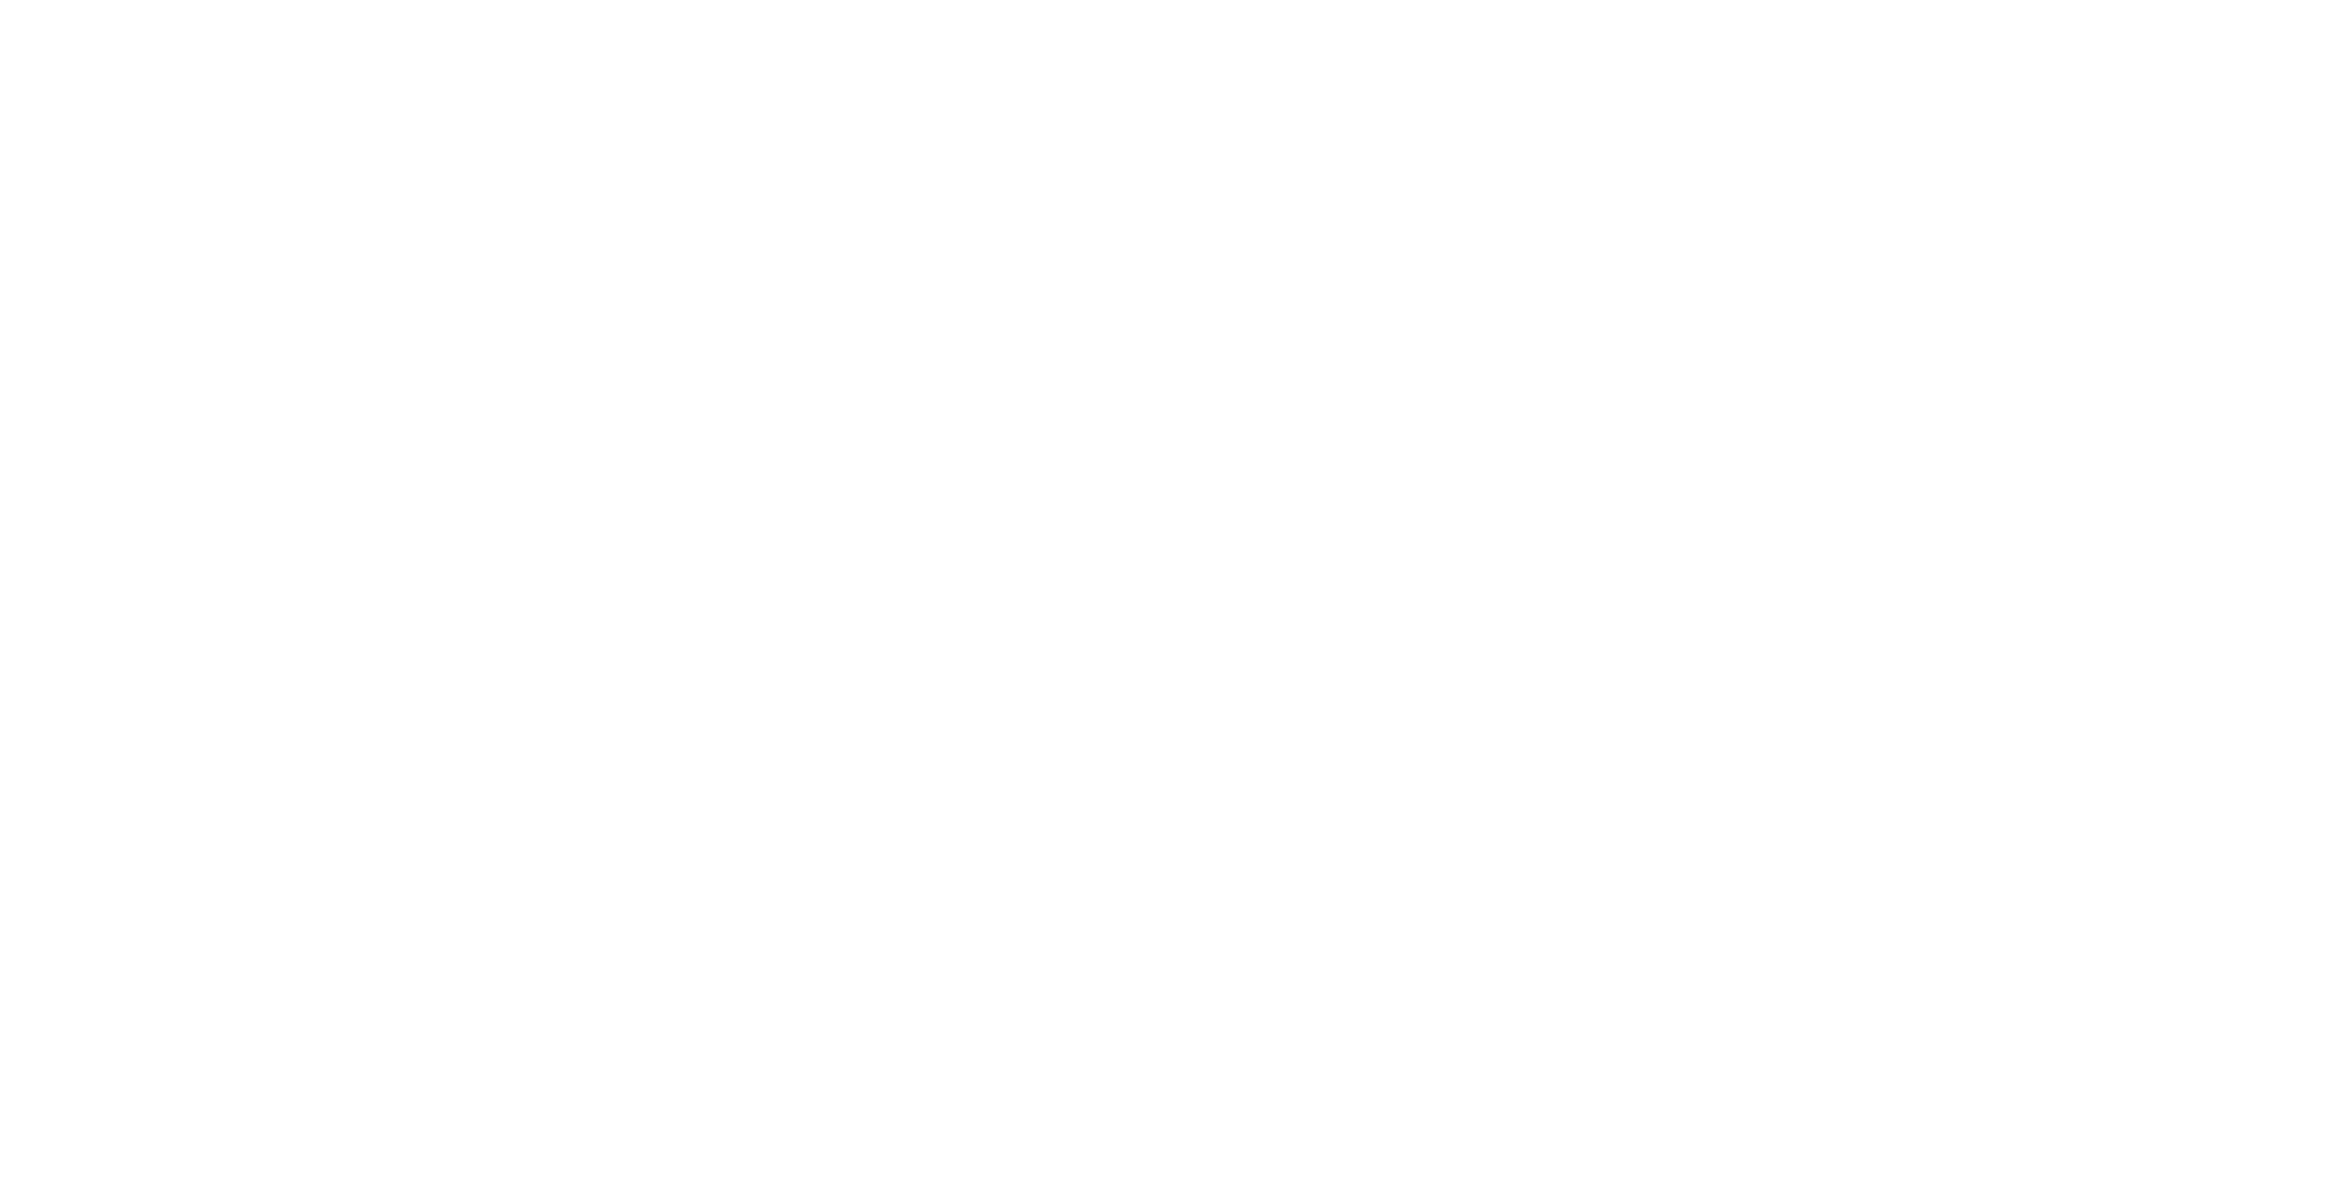 Actualités et infos sur BFMTV